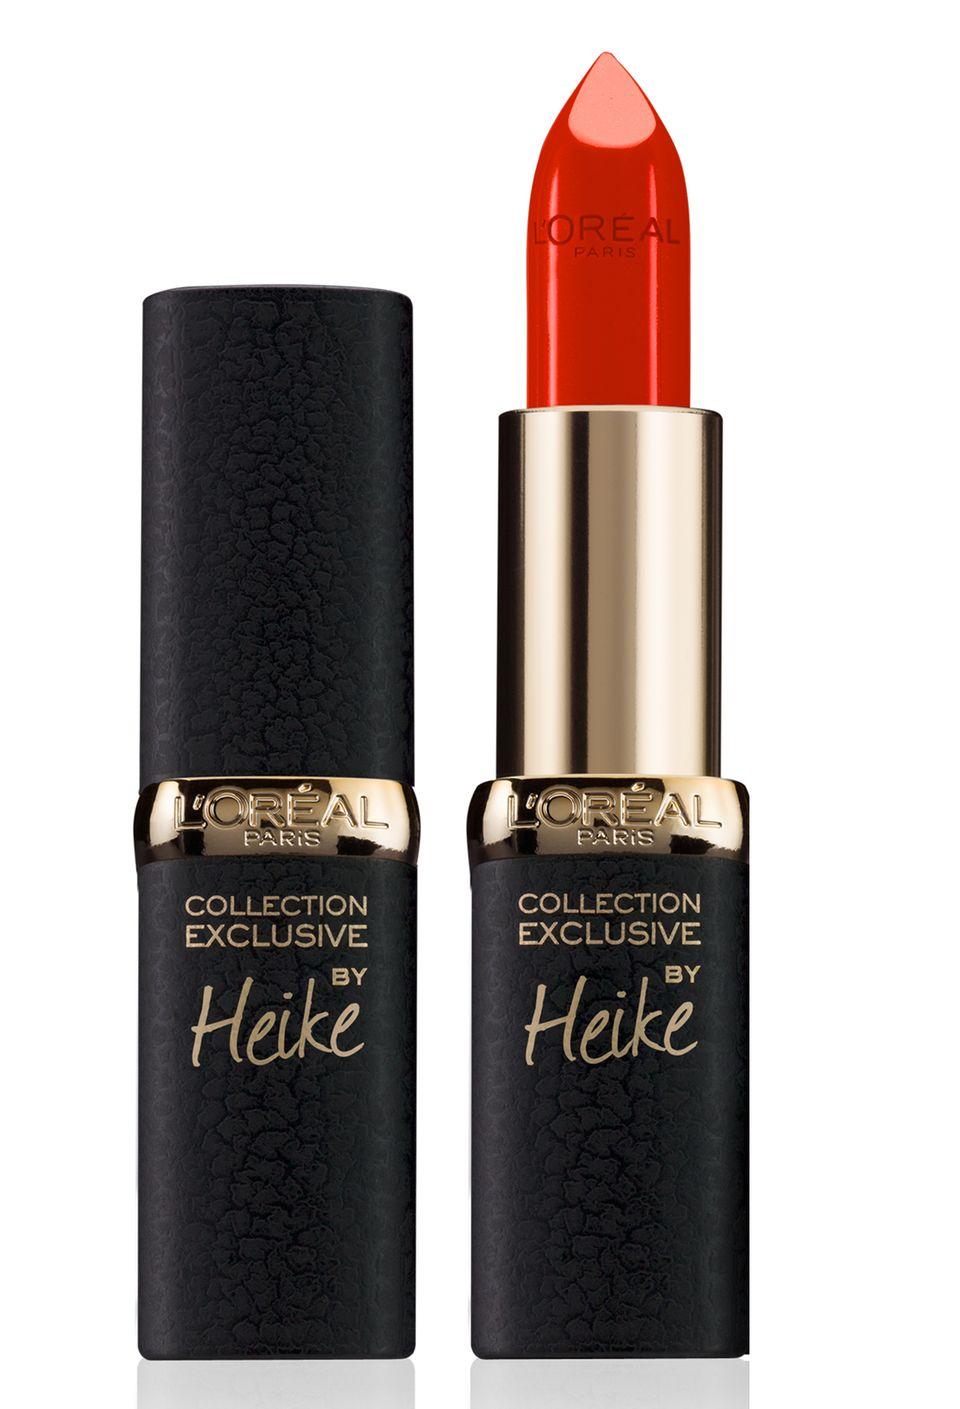 """Für die """"Collection Exclusive Color Riche"""" von L'Oréal Paris wählte Heike Makatsch als ihren persönlichen Lieblings-Rotton ein warmes Signalrot: """"Nuance CP08"""", ca. 10 Euro, limitiert"""